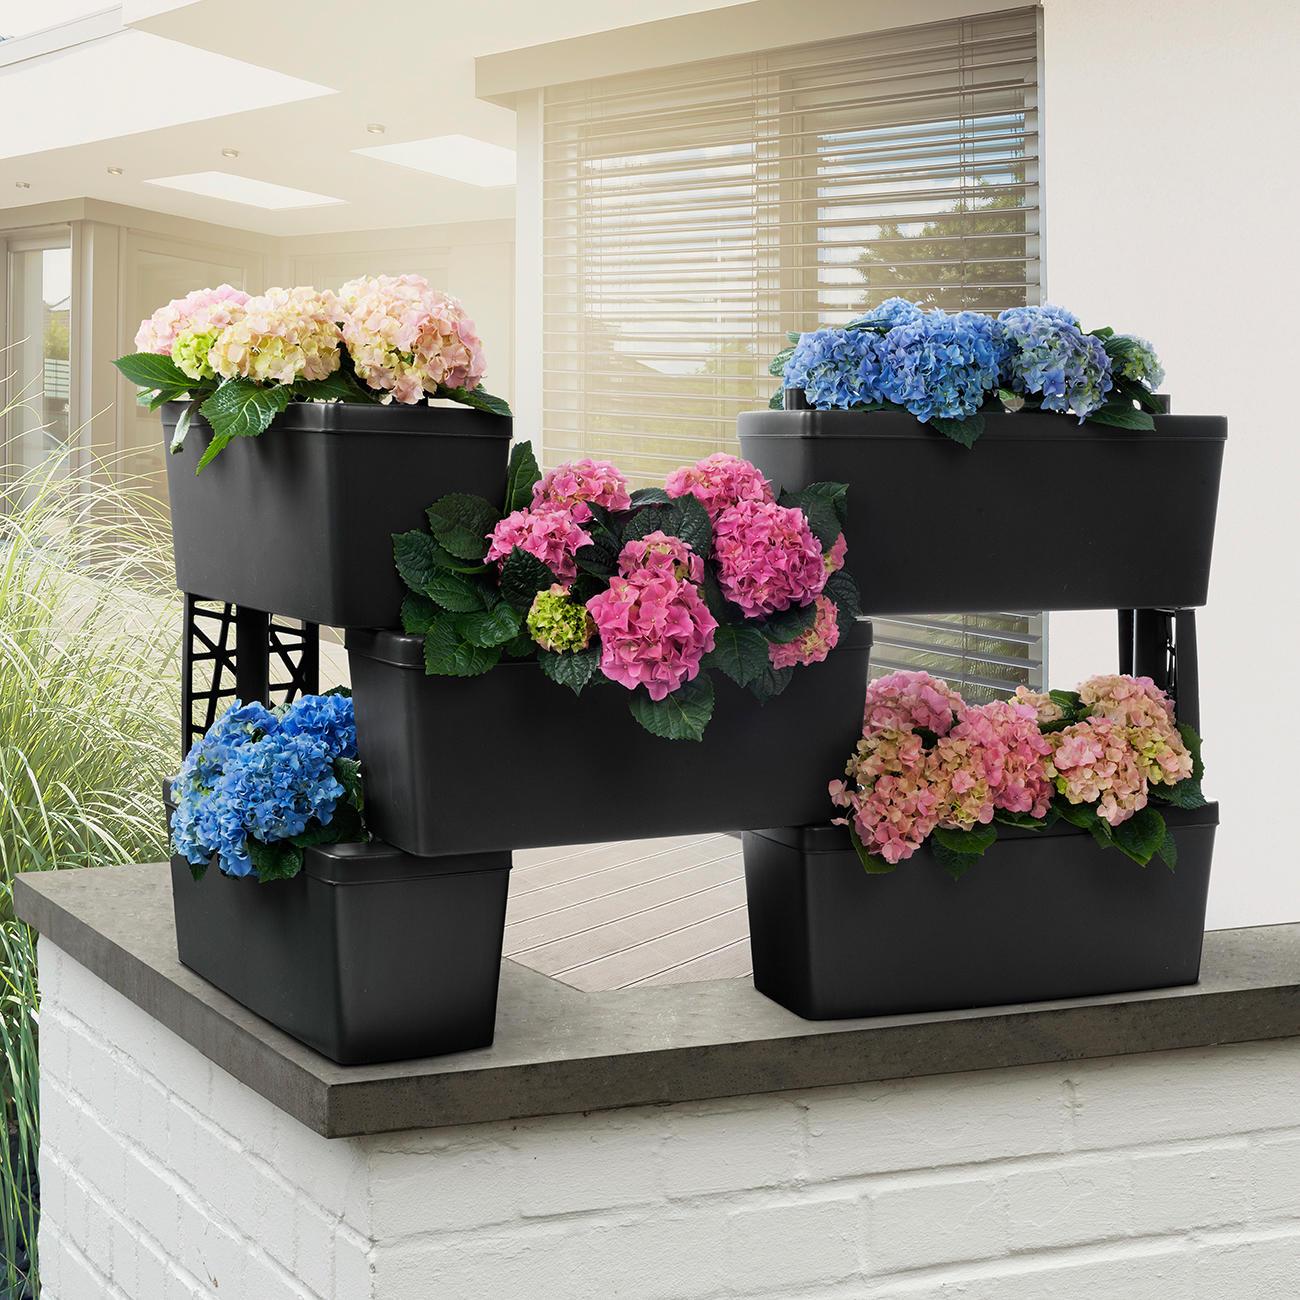 pflanzkasten system brick 5er set online kaufen. Black Bedroom Furniture Sets. Home Design Ideas